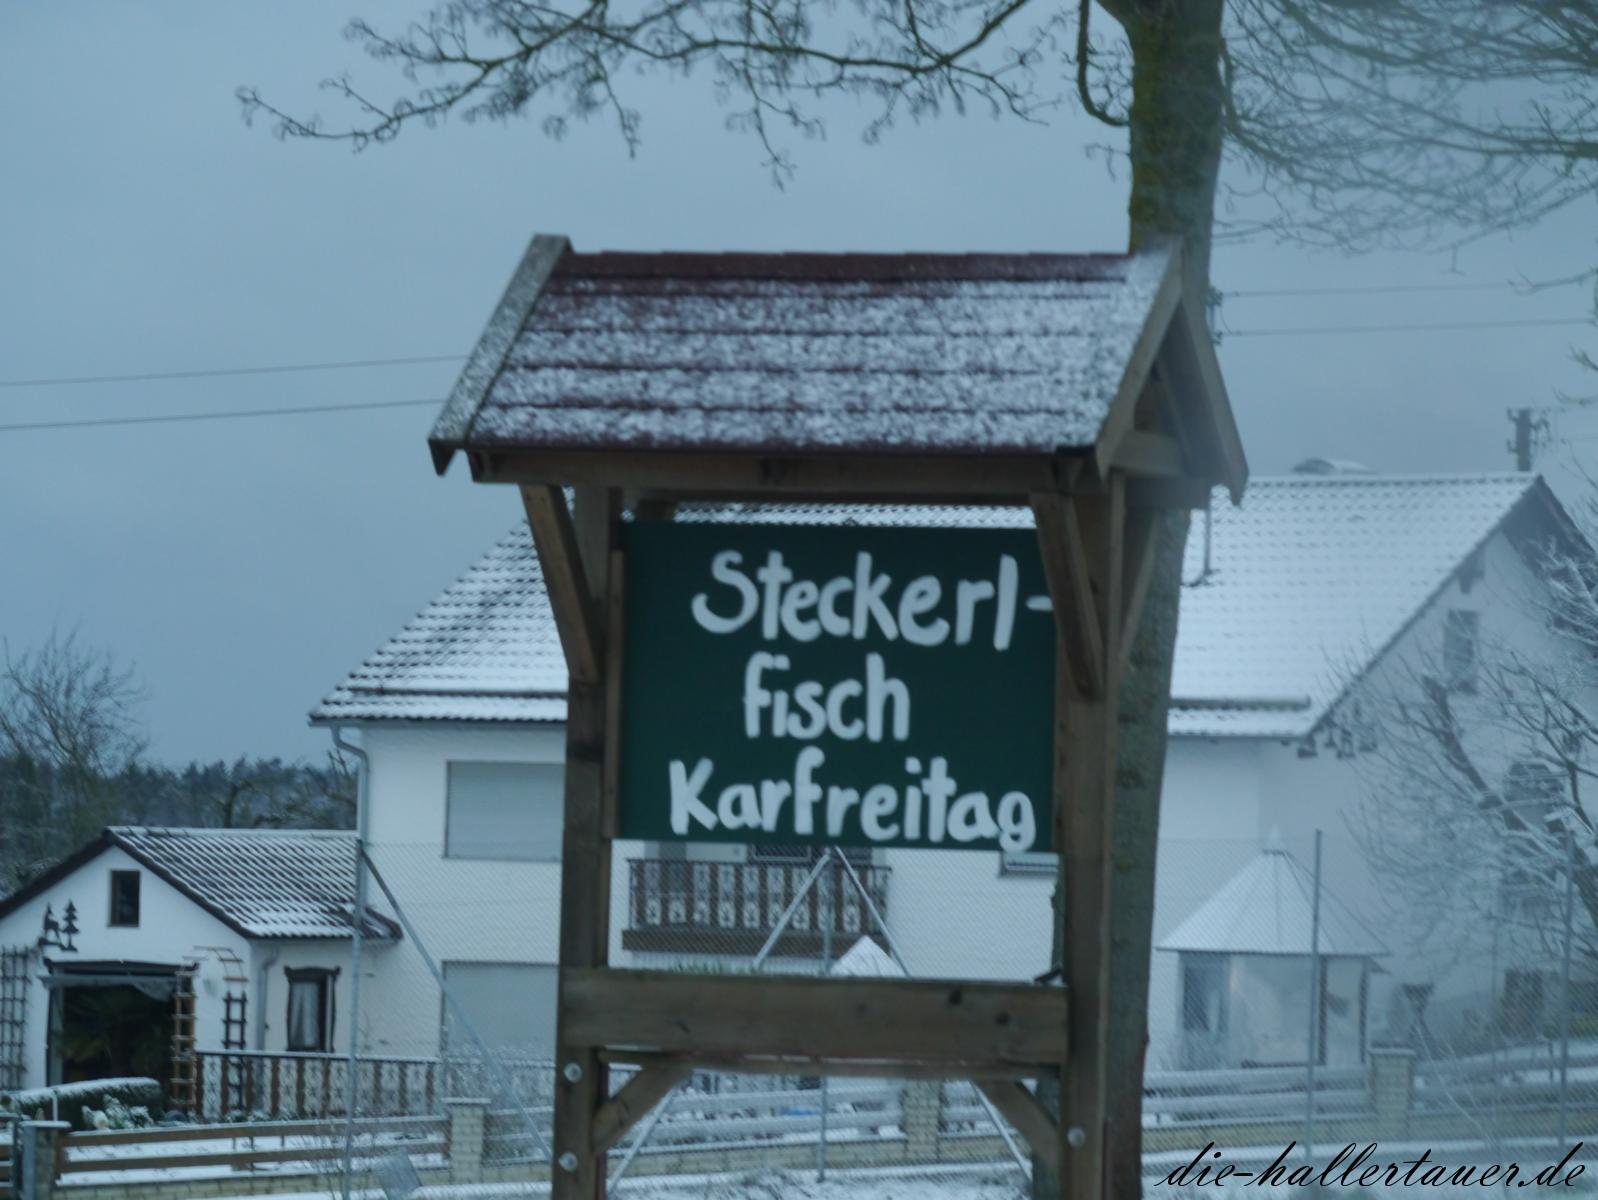 Steckerlfisch am Karfreitag